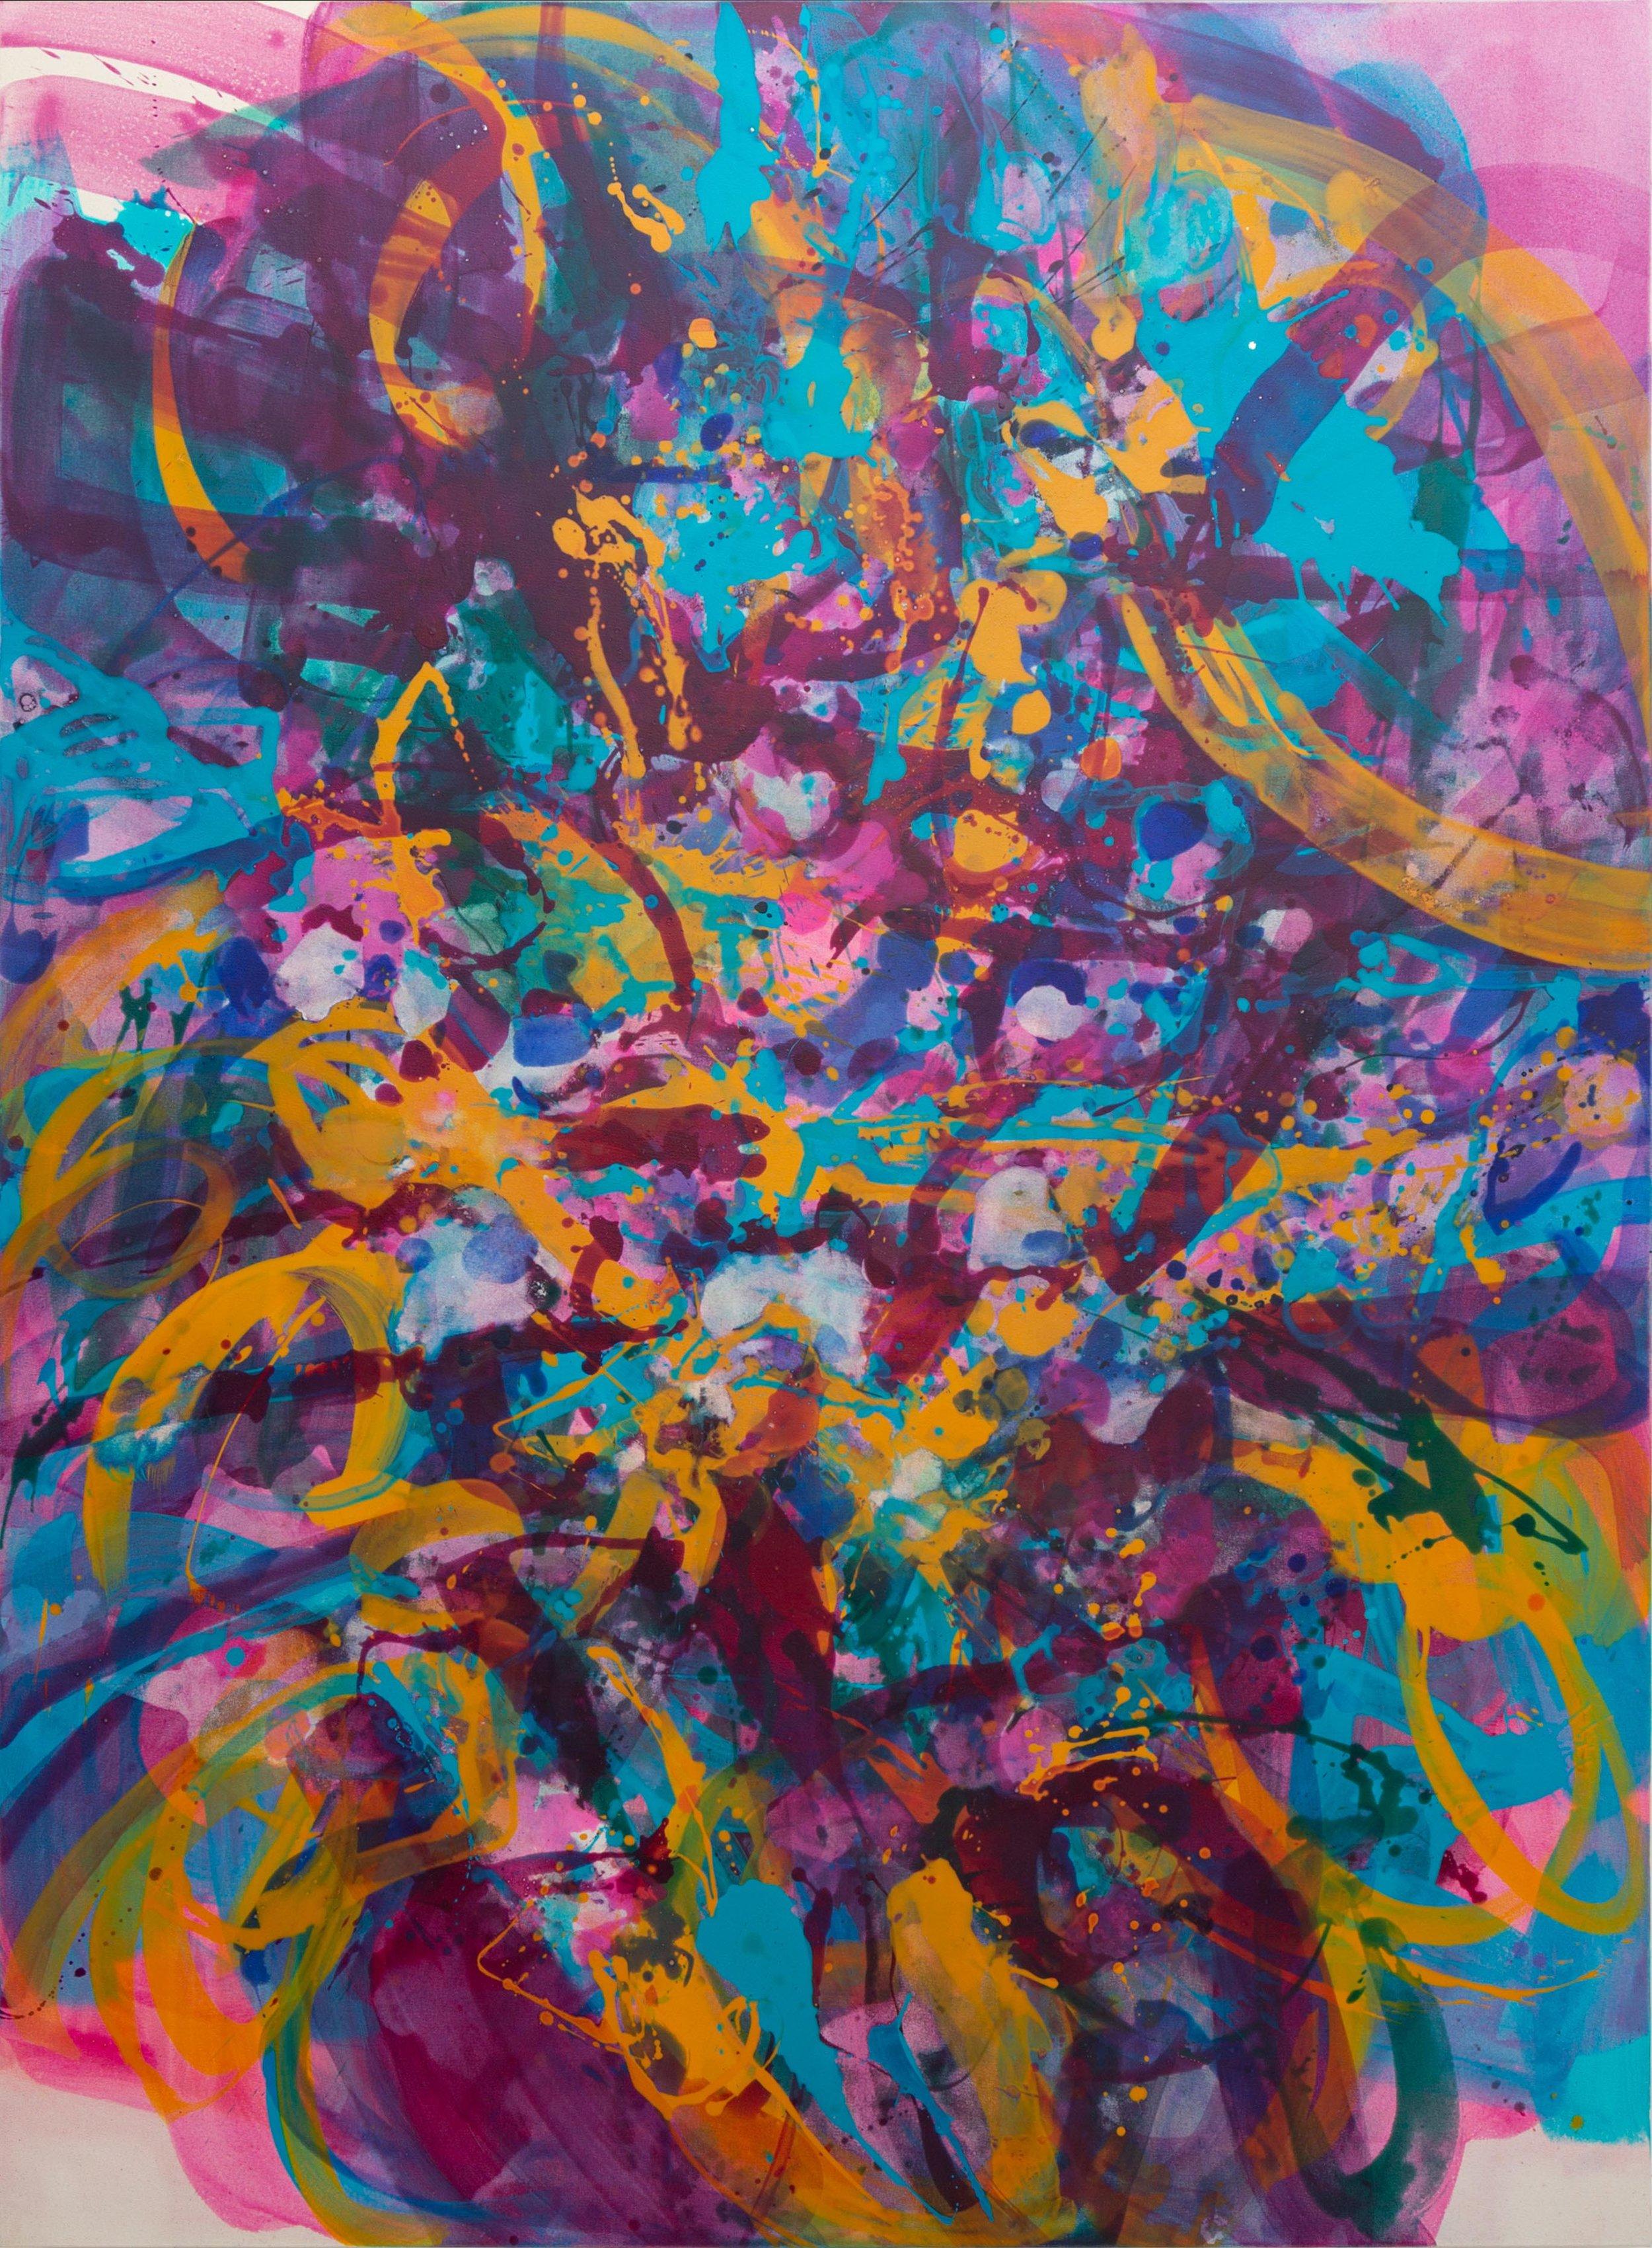 Distemper Composition III  2019  distemper on canvas  (pure pigment, rabbit skin glue)  198 x 145 cm